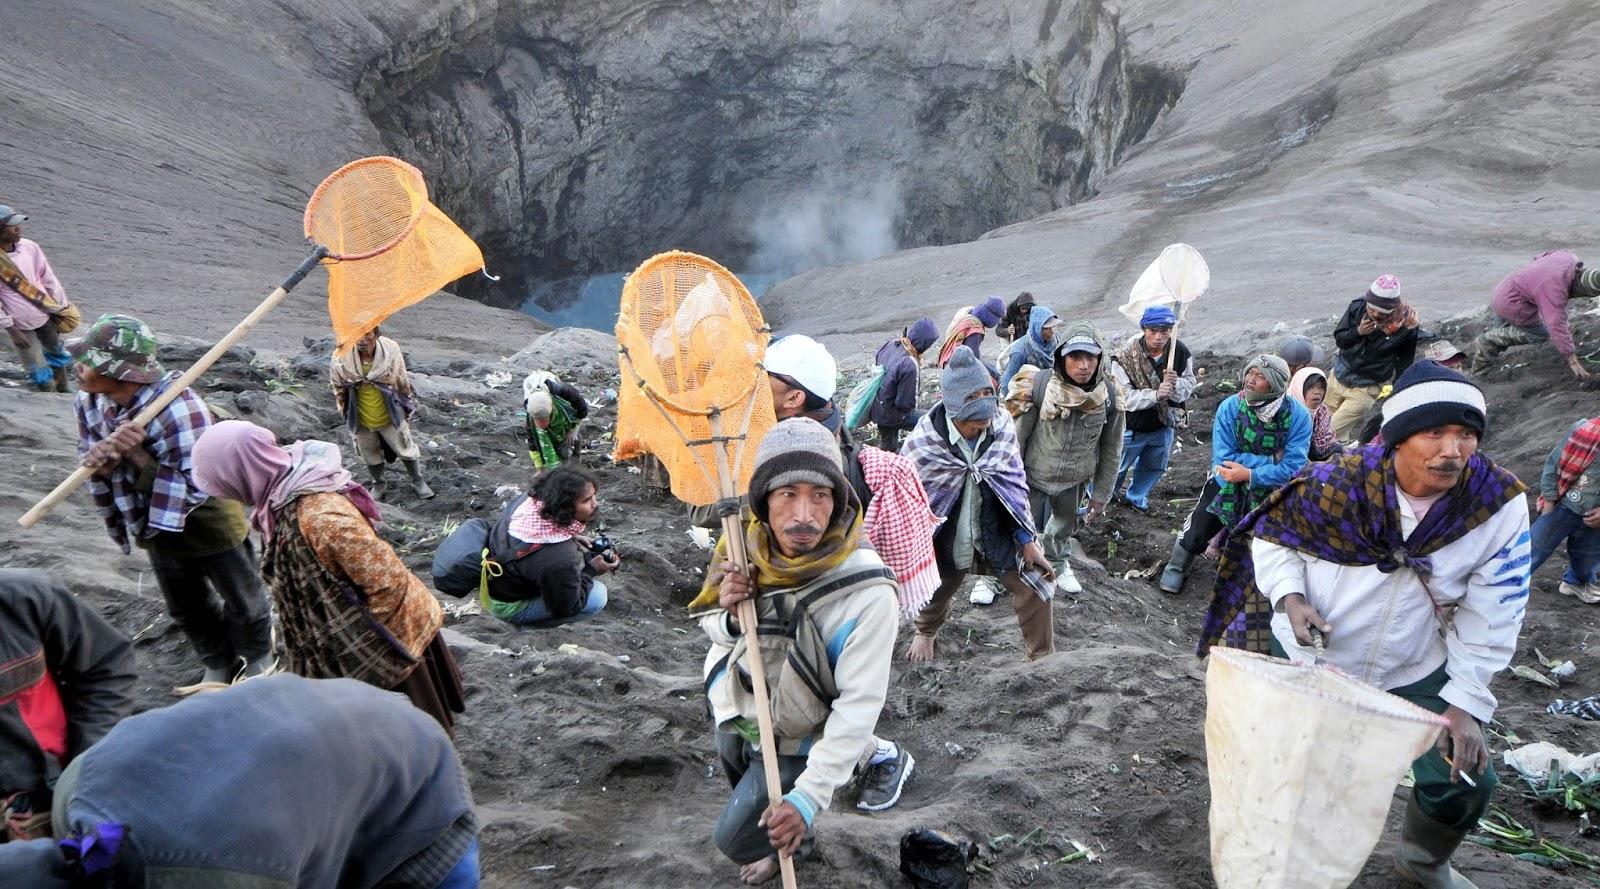 warga di Upacara Kasada di Gunung Bromo